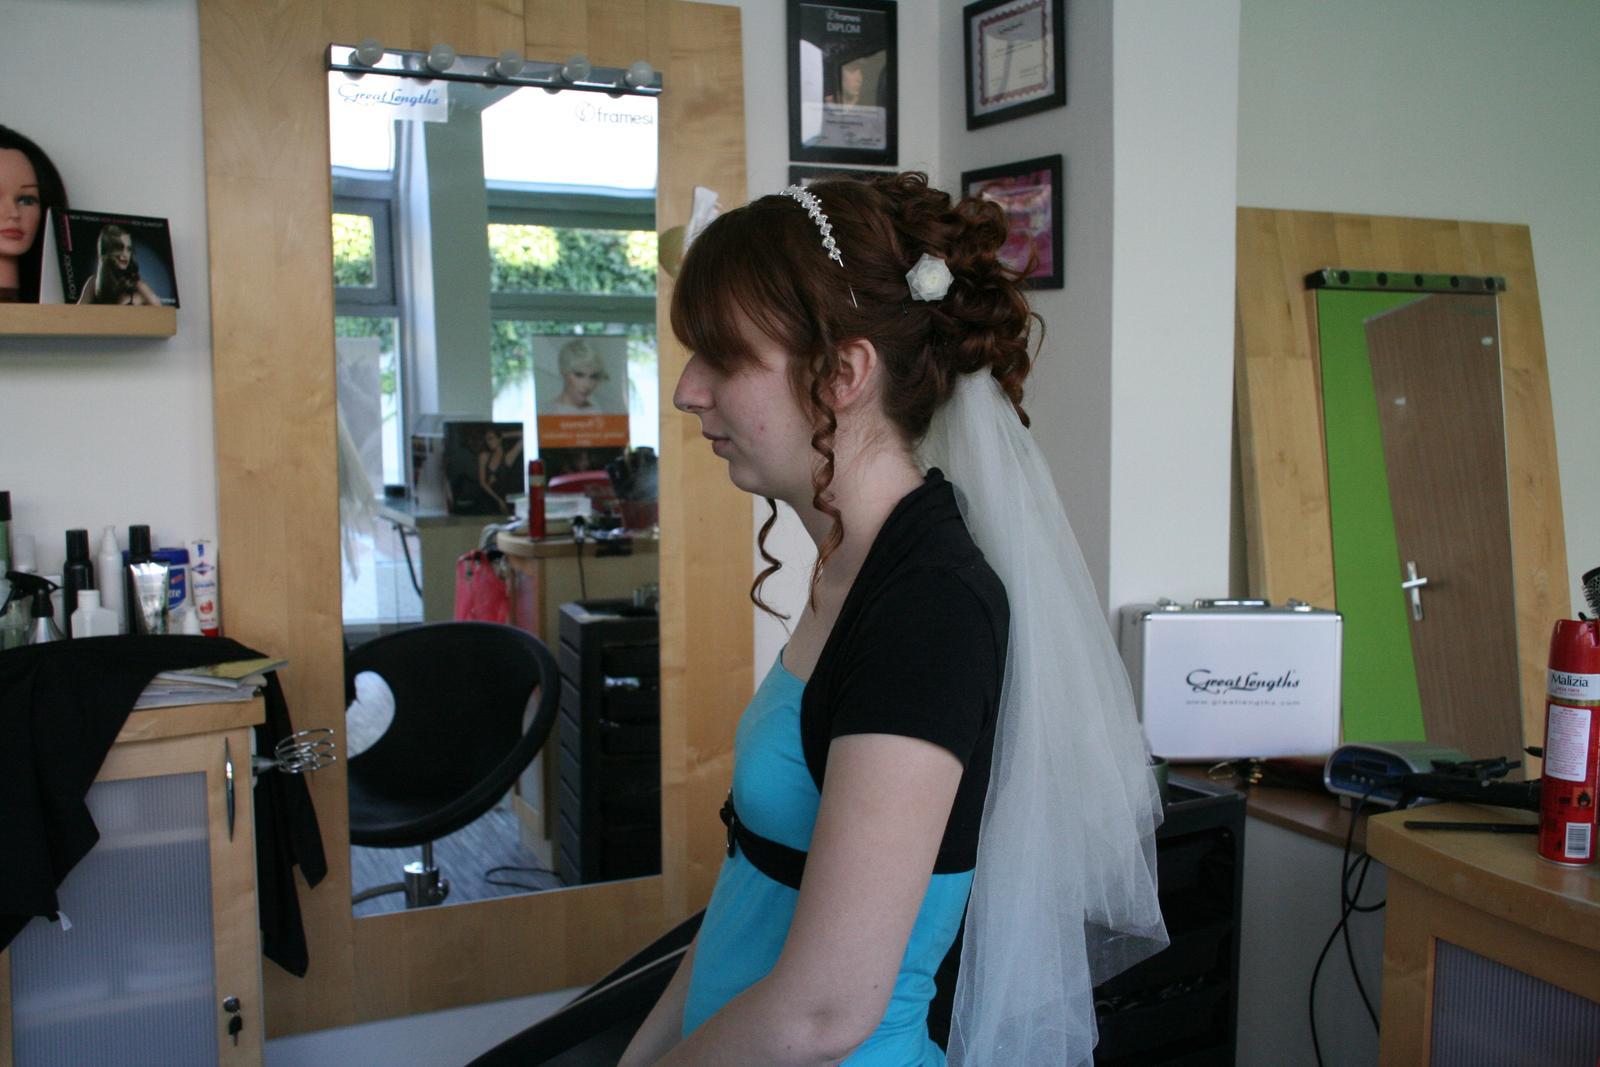 Naše svatba - Zkouška účesu. Vlny v obličeji jsme volili nakonec volnější a větší.